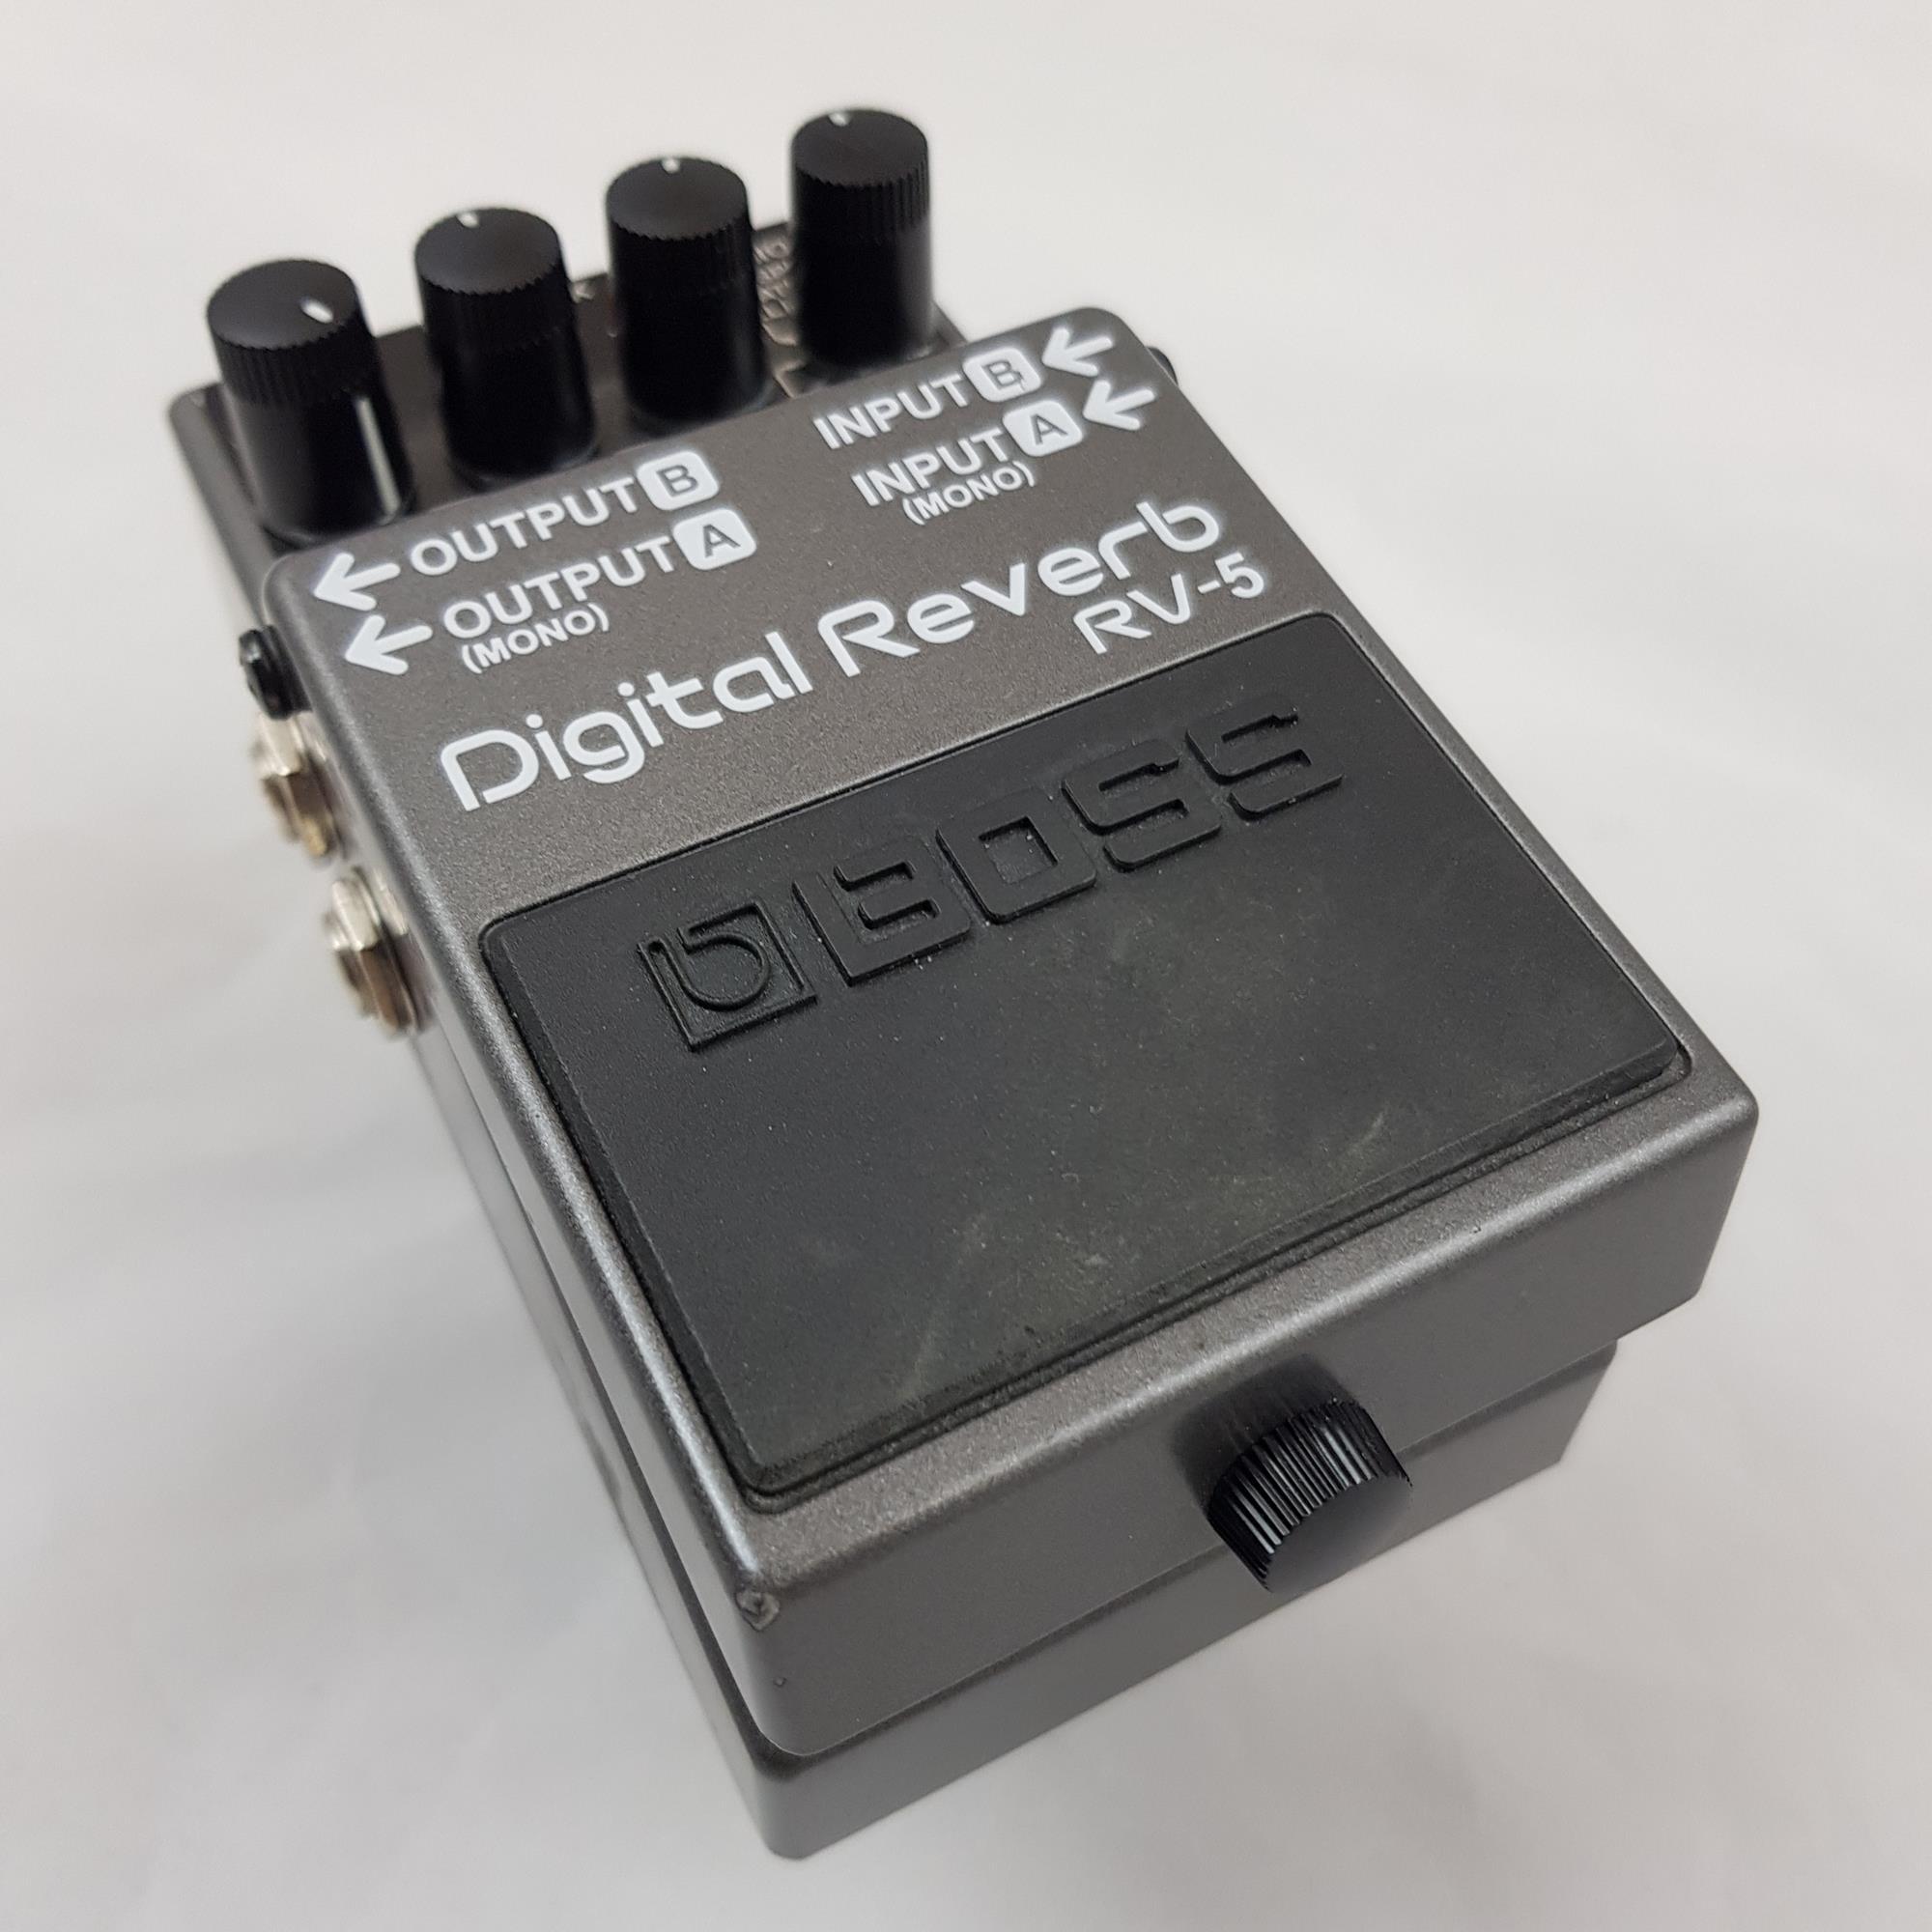 BOSS-DIGITAL-REVERB-RV-5-sku-1593874066763